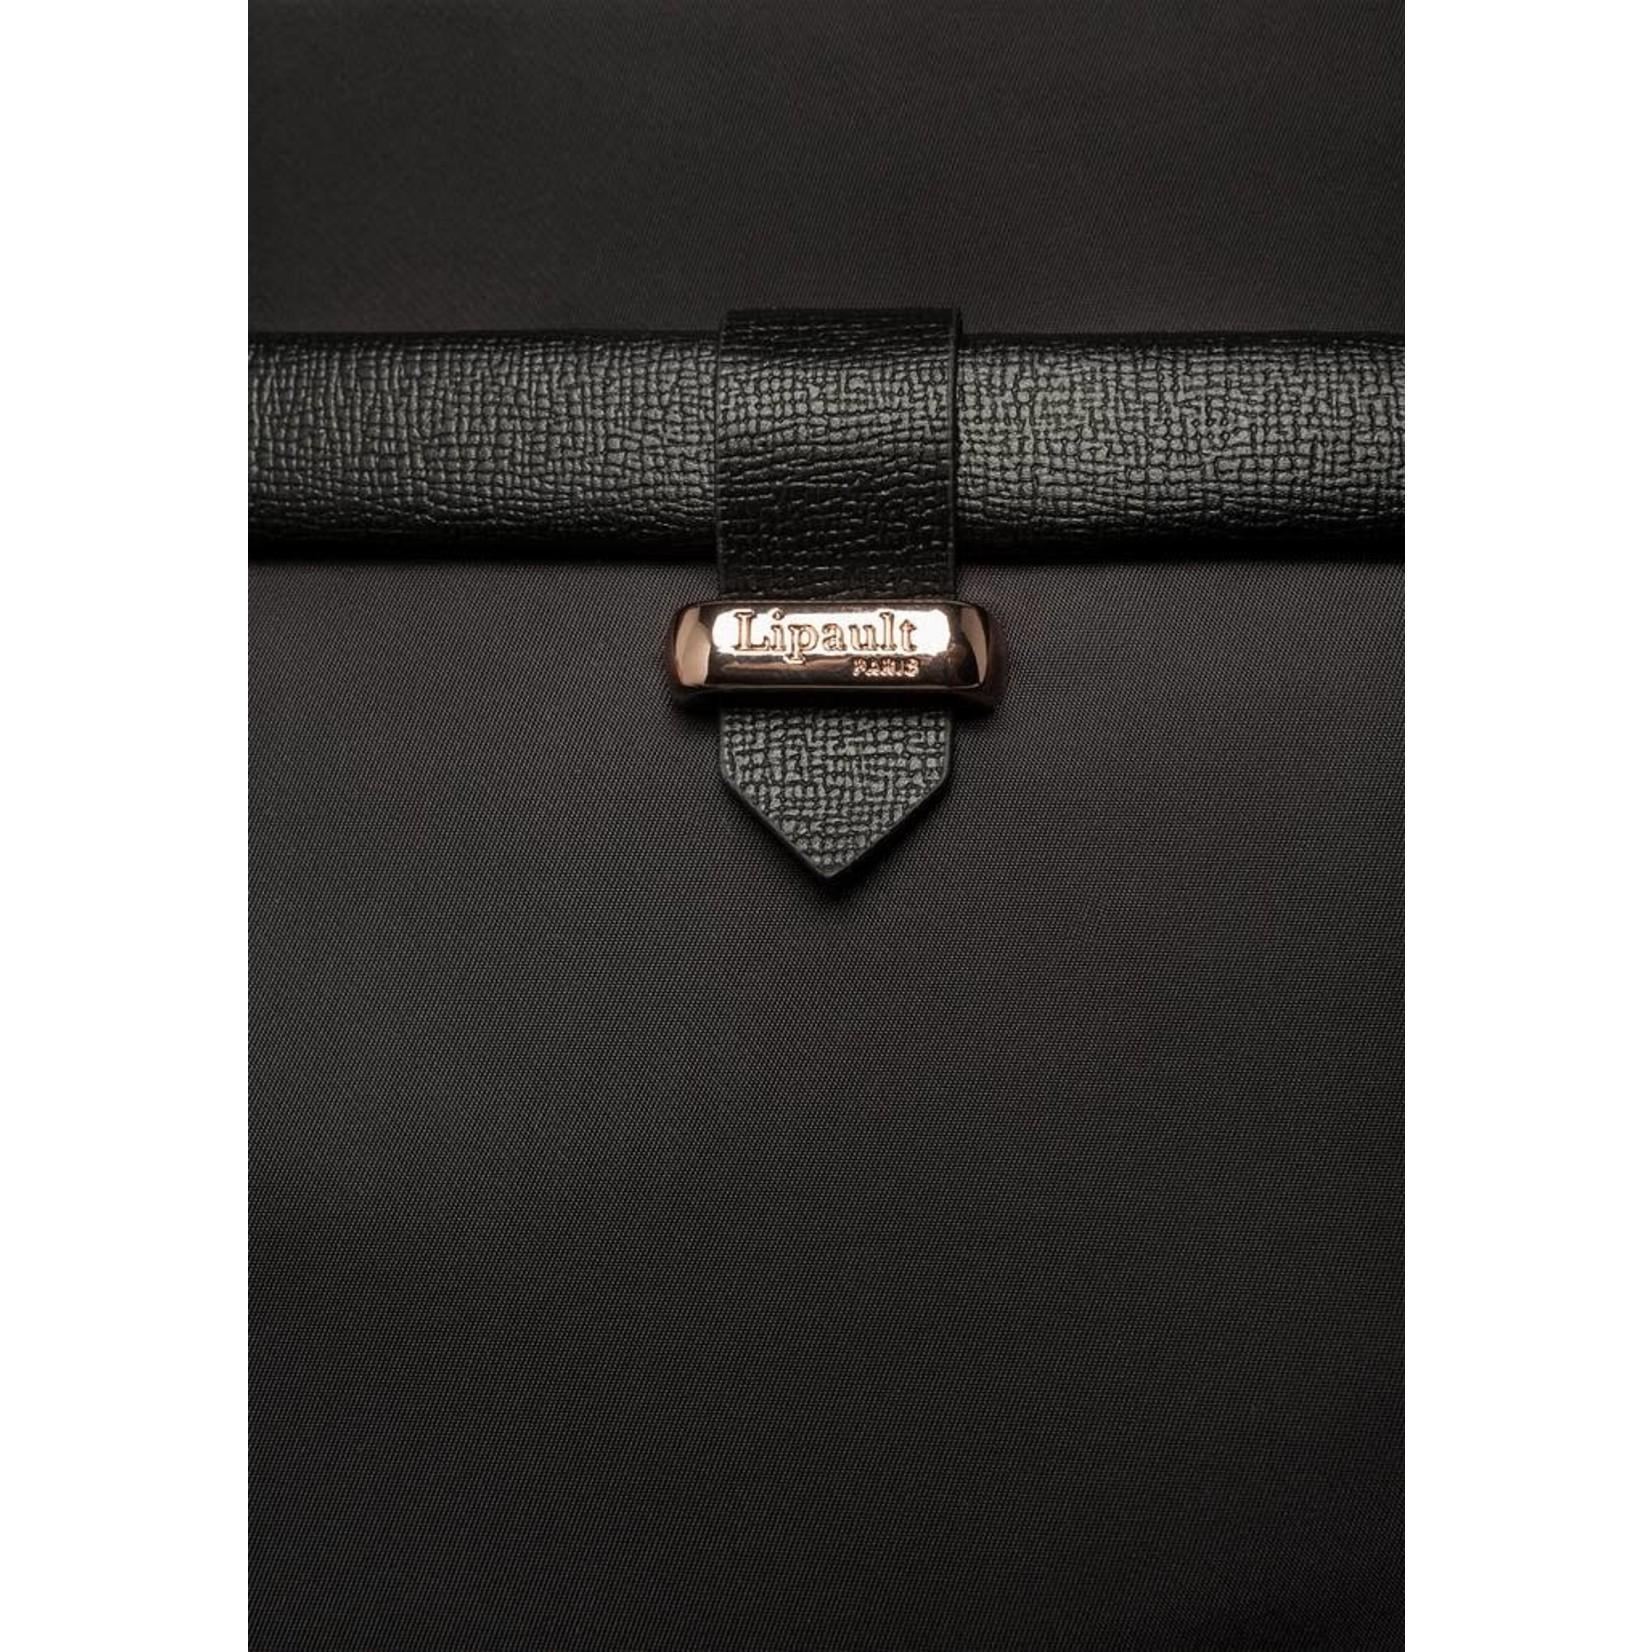 Lipault Plume Aven Spinner 55/20 Black/Gold